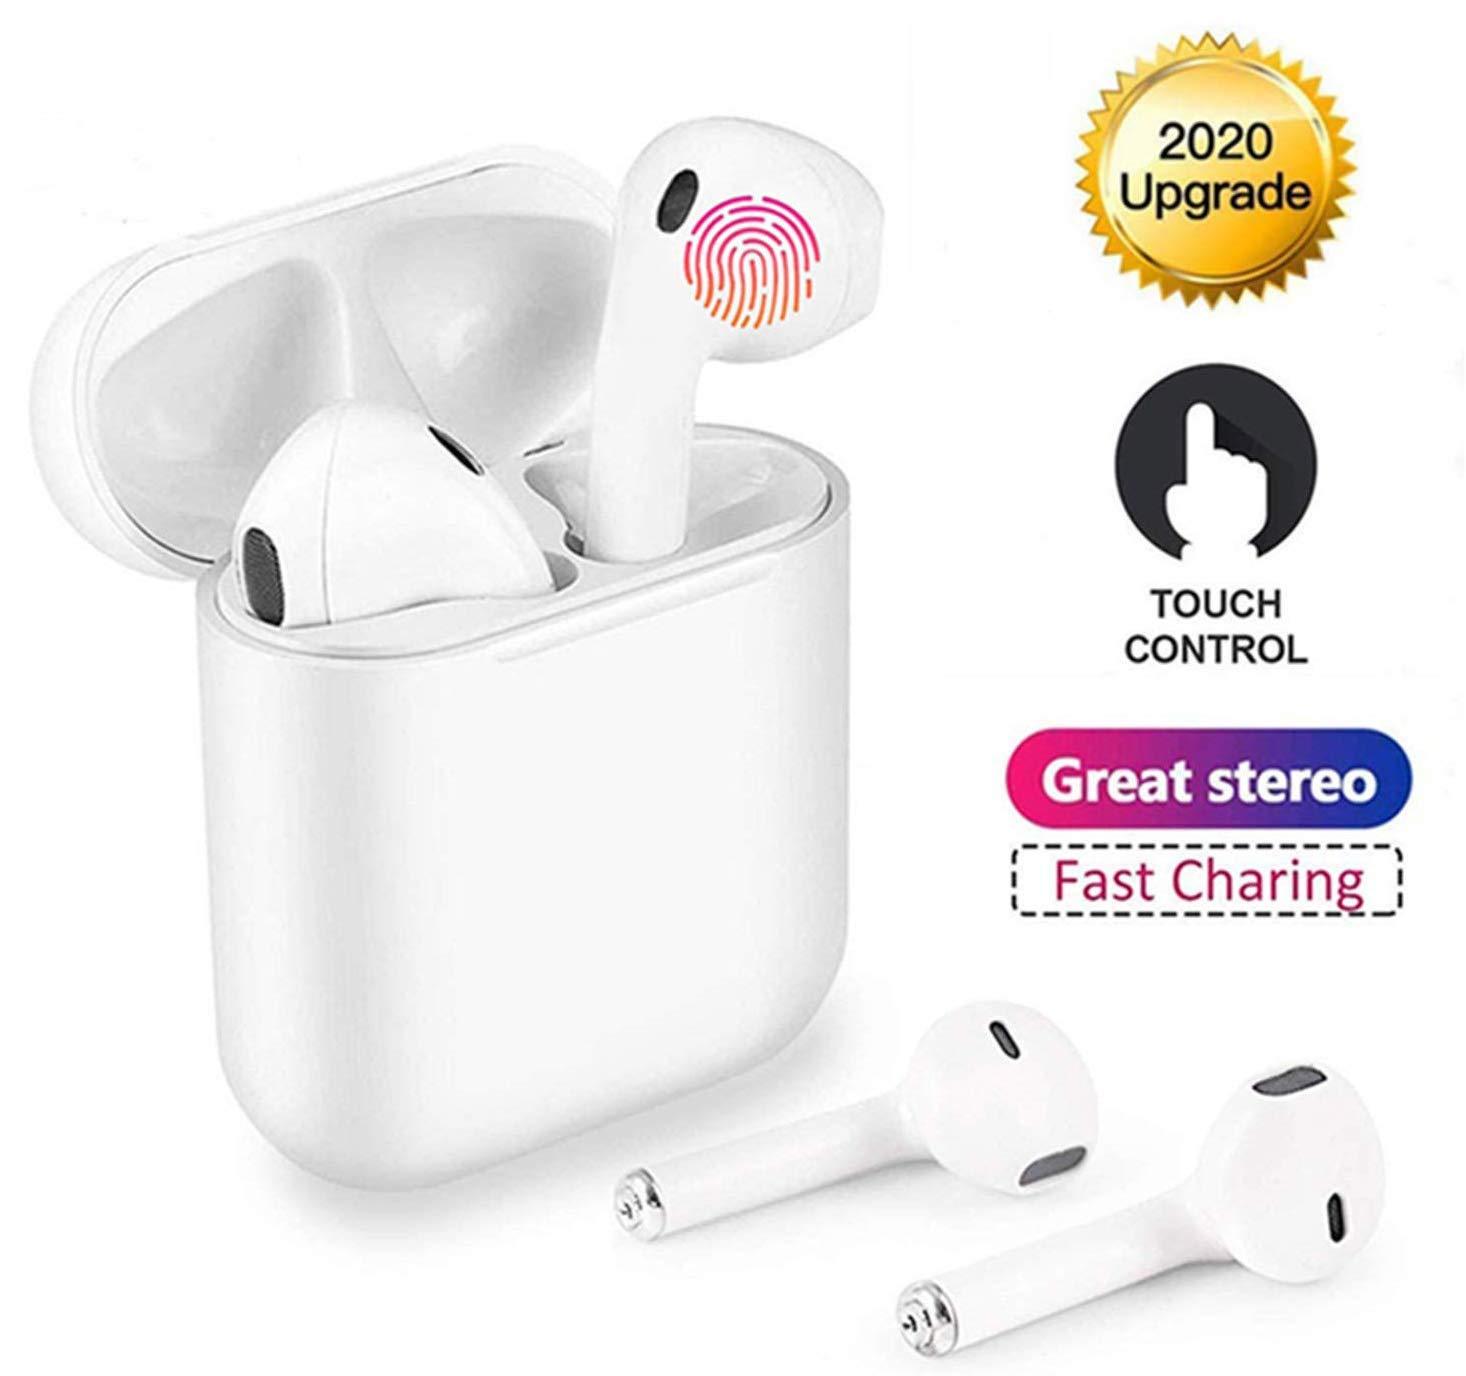 Auriculares Bluetooth inal/ámbricos BT5.0 Touch Control Design Super Mini Auriculares con micr/ófono est/éreo Audio Soporte Siri para iOS Android (Blanco-79)